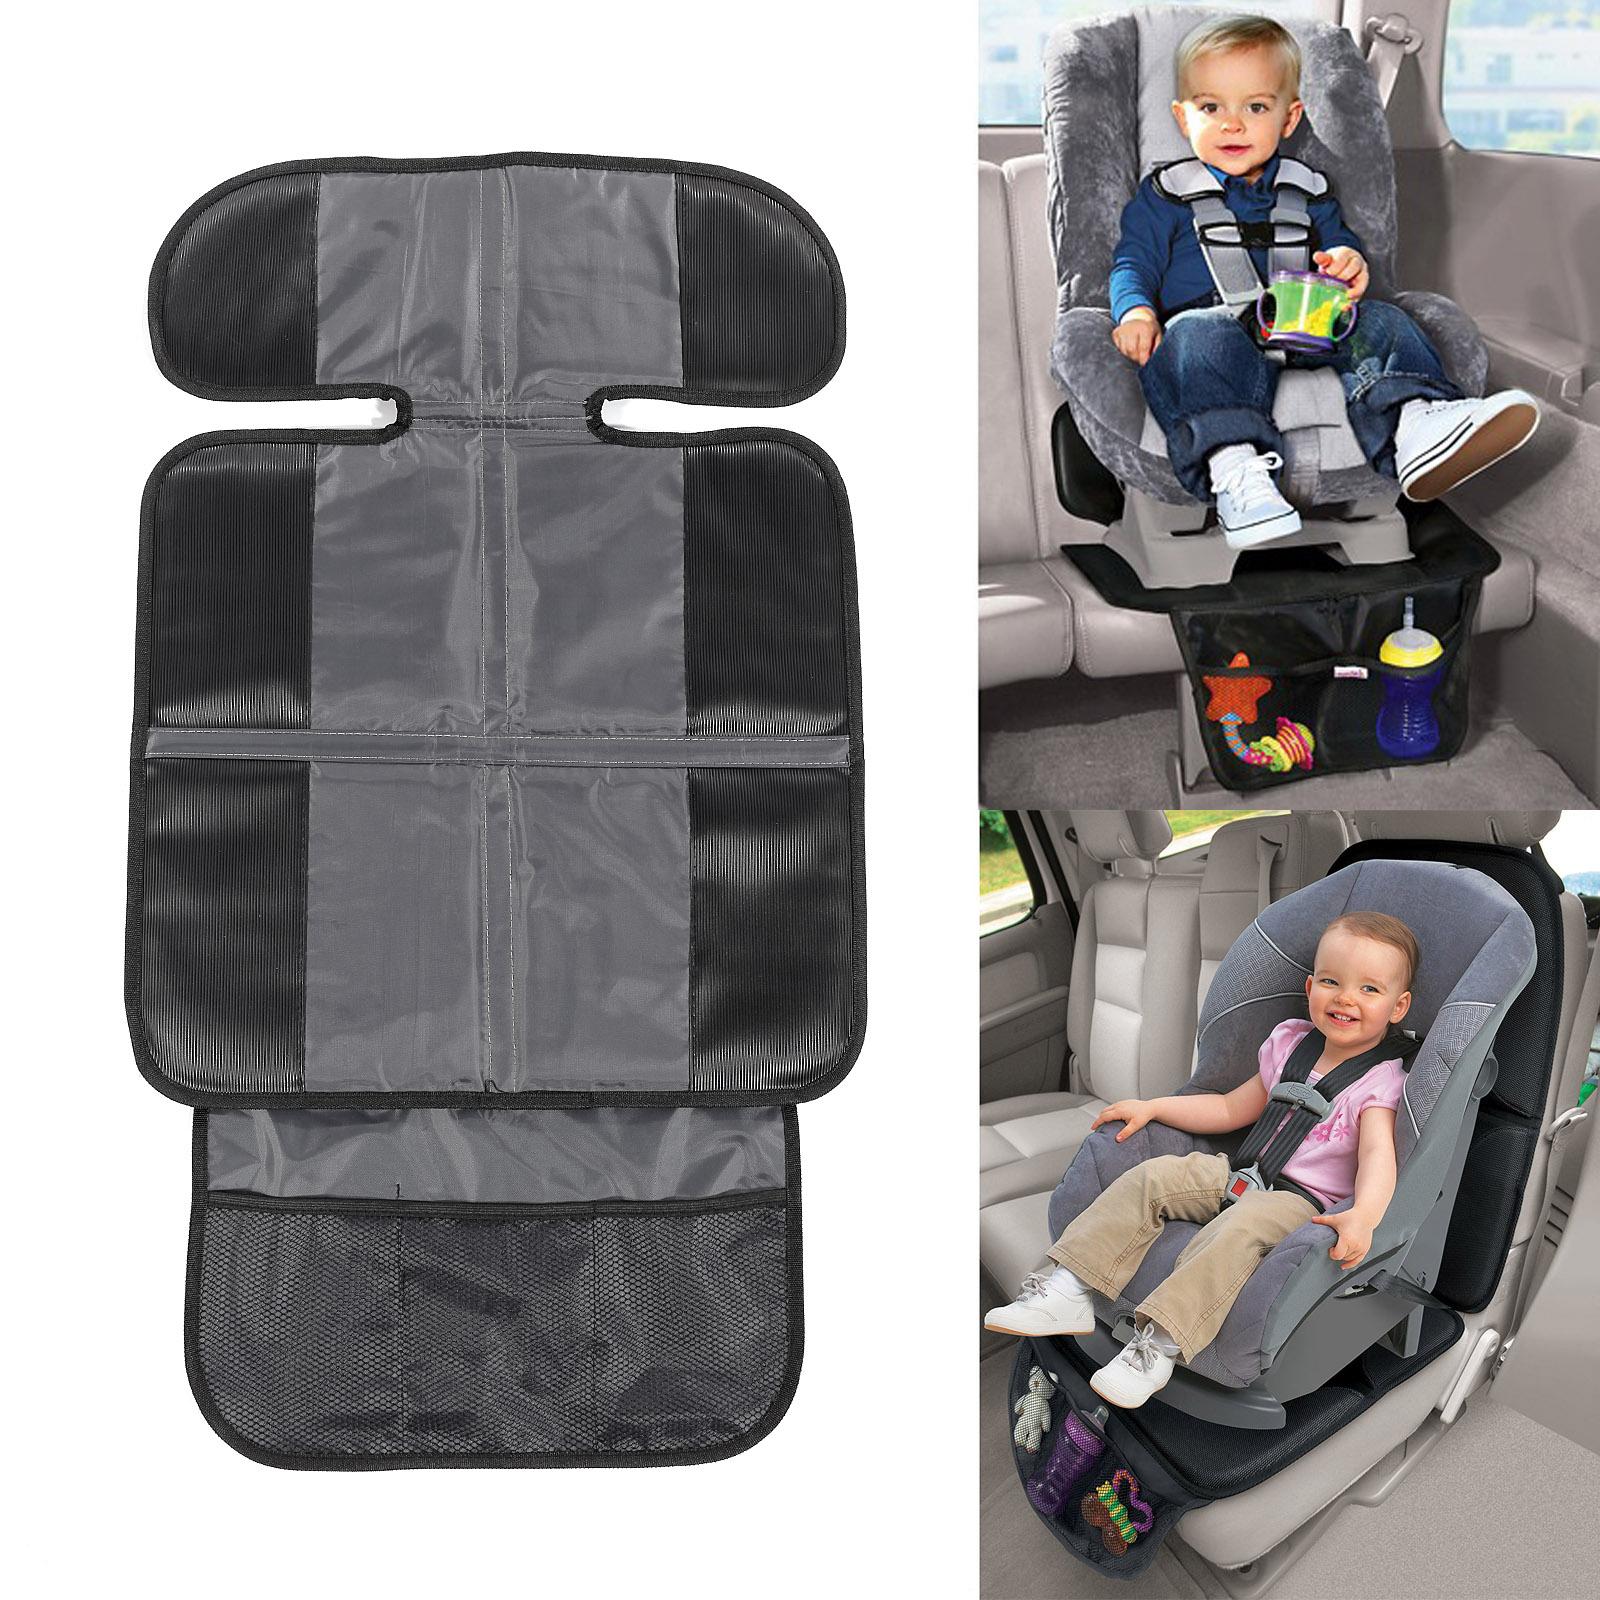 Protector para asiento de coche para ni os beb cubierta for Asientos ninos coche